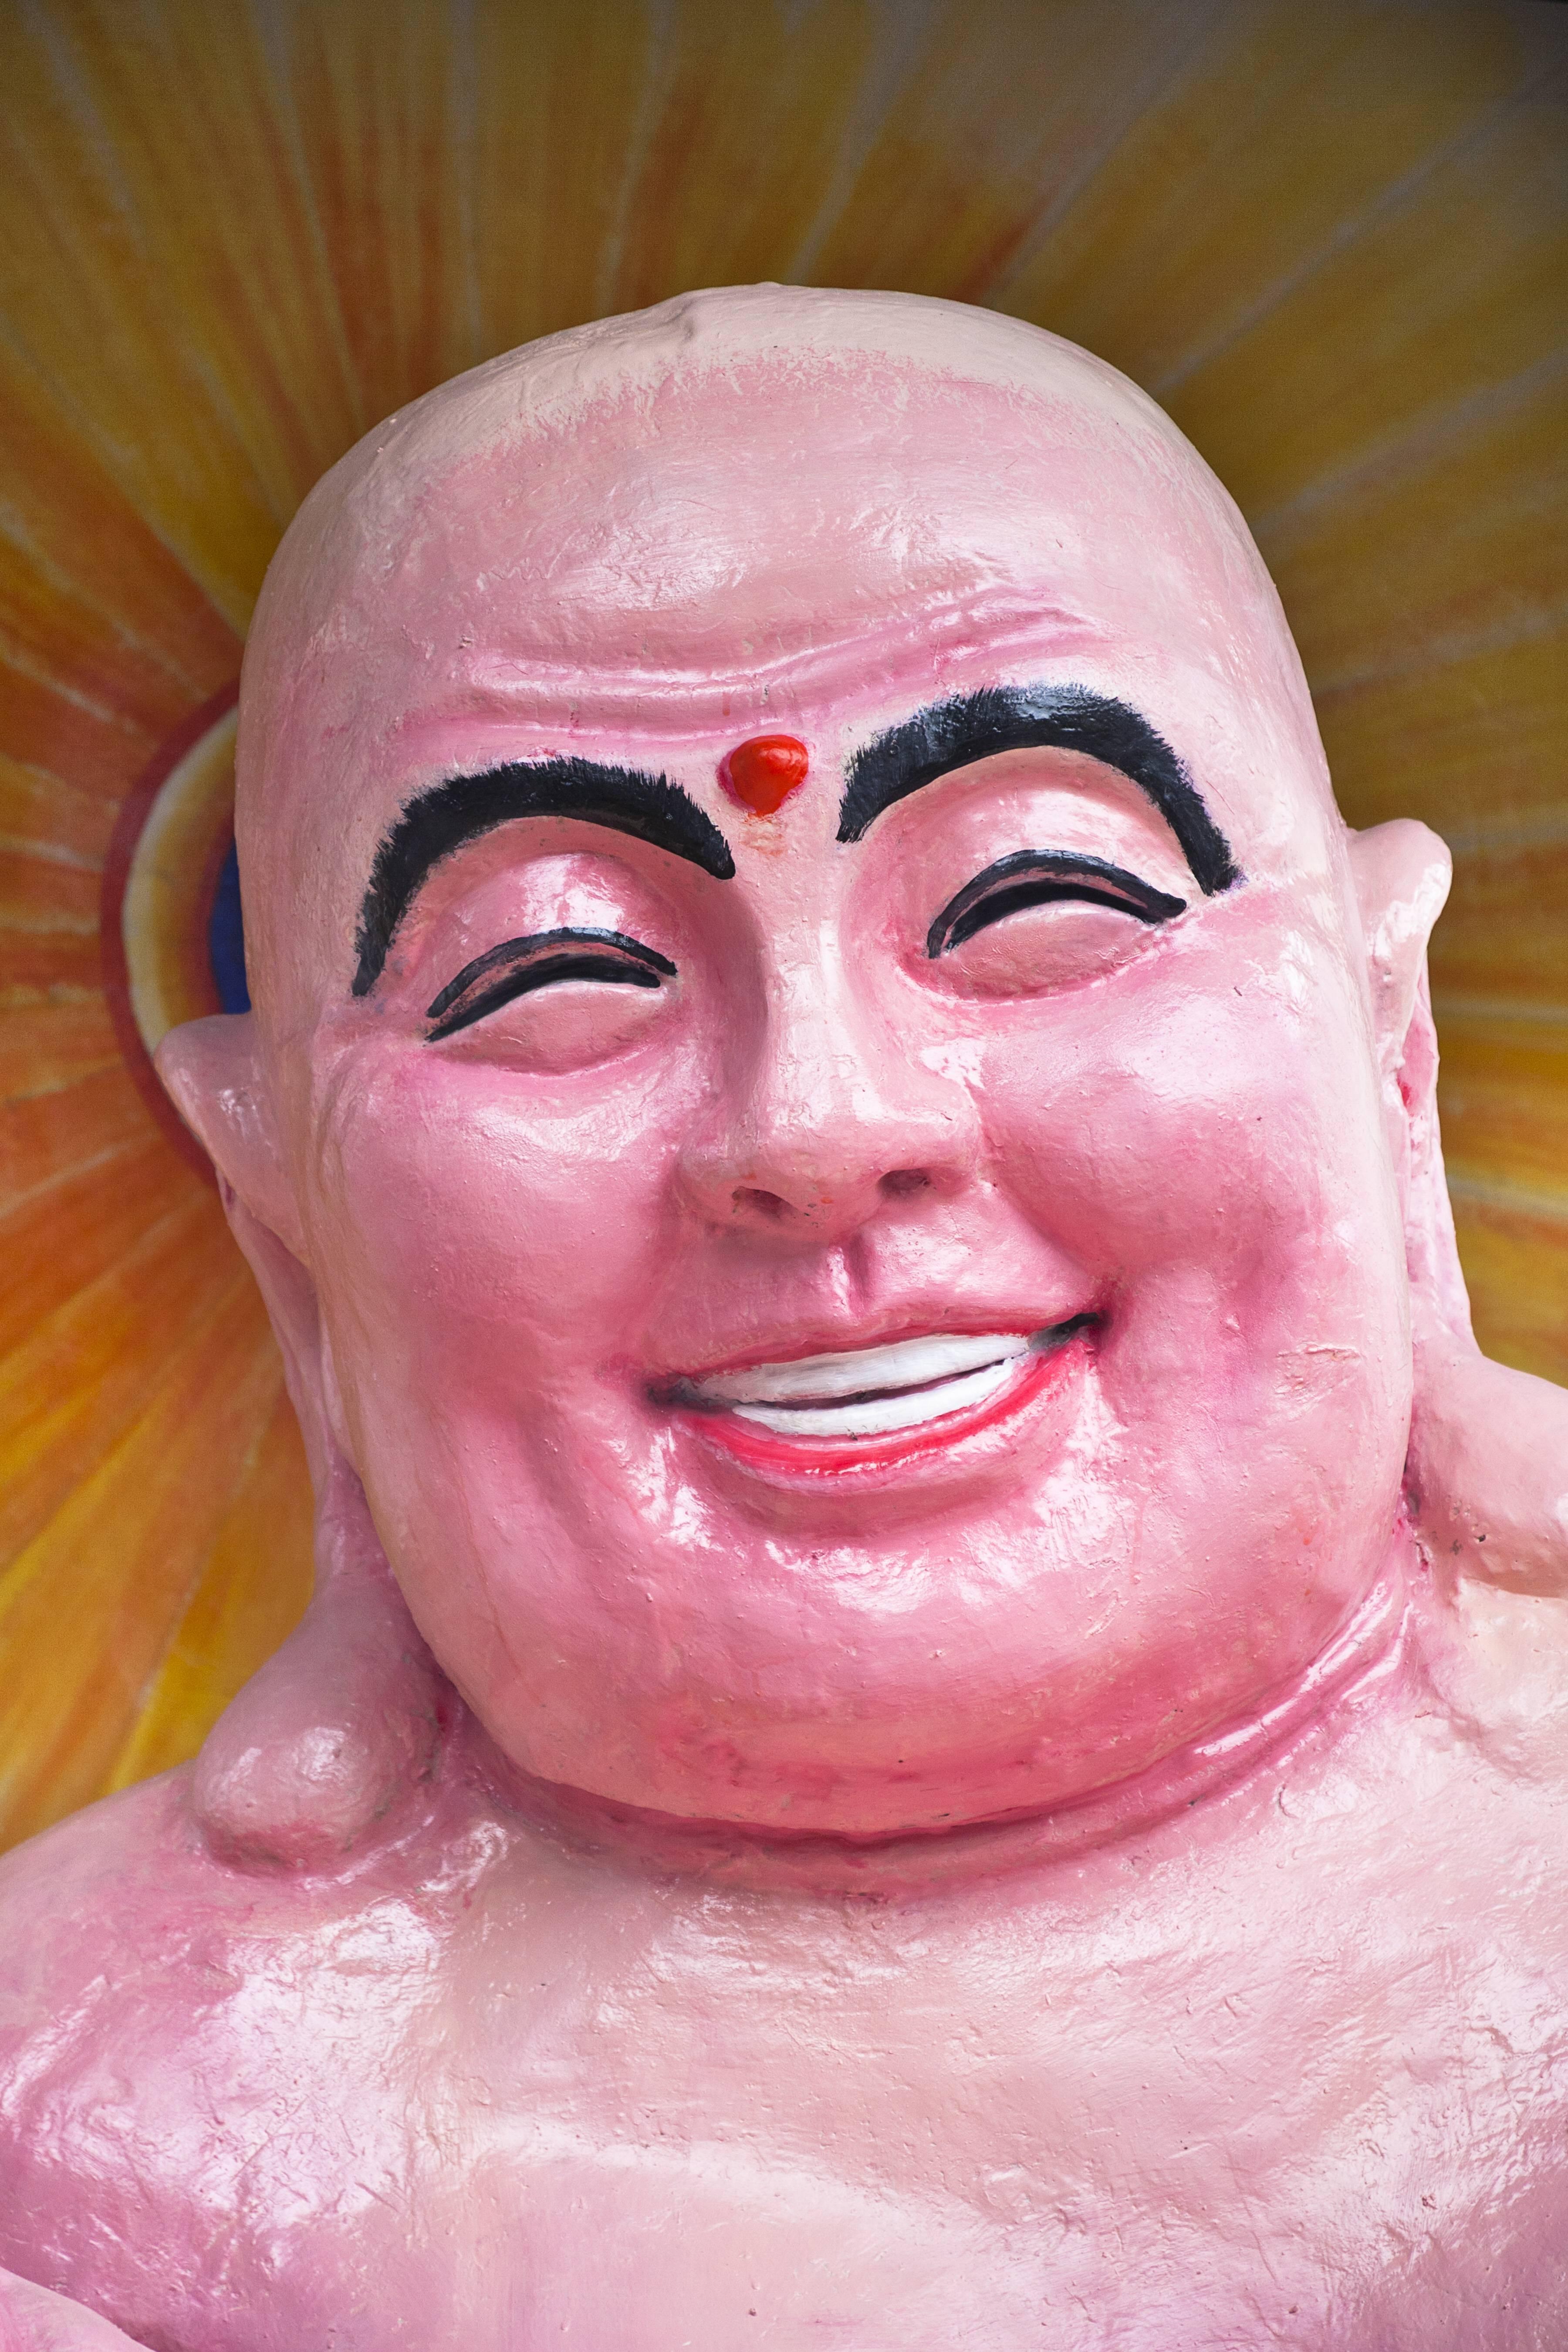 Vom Weltuntergang, Guru-Currys und Schweinegedichten: Zu Besuch bei einem veganen Kult